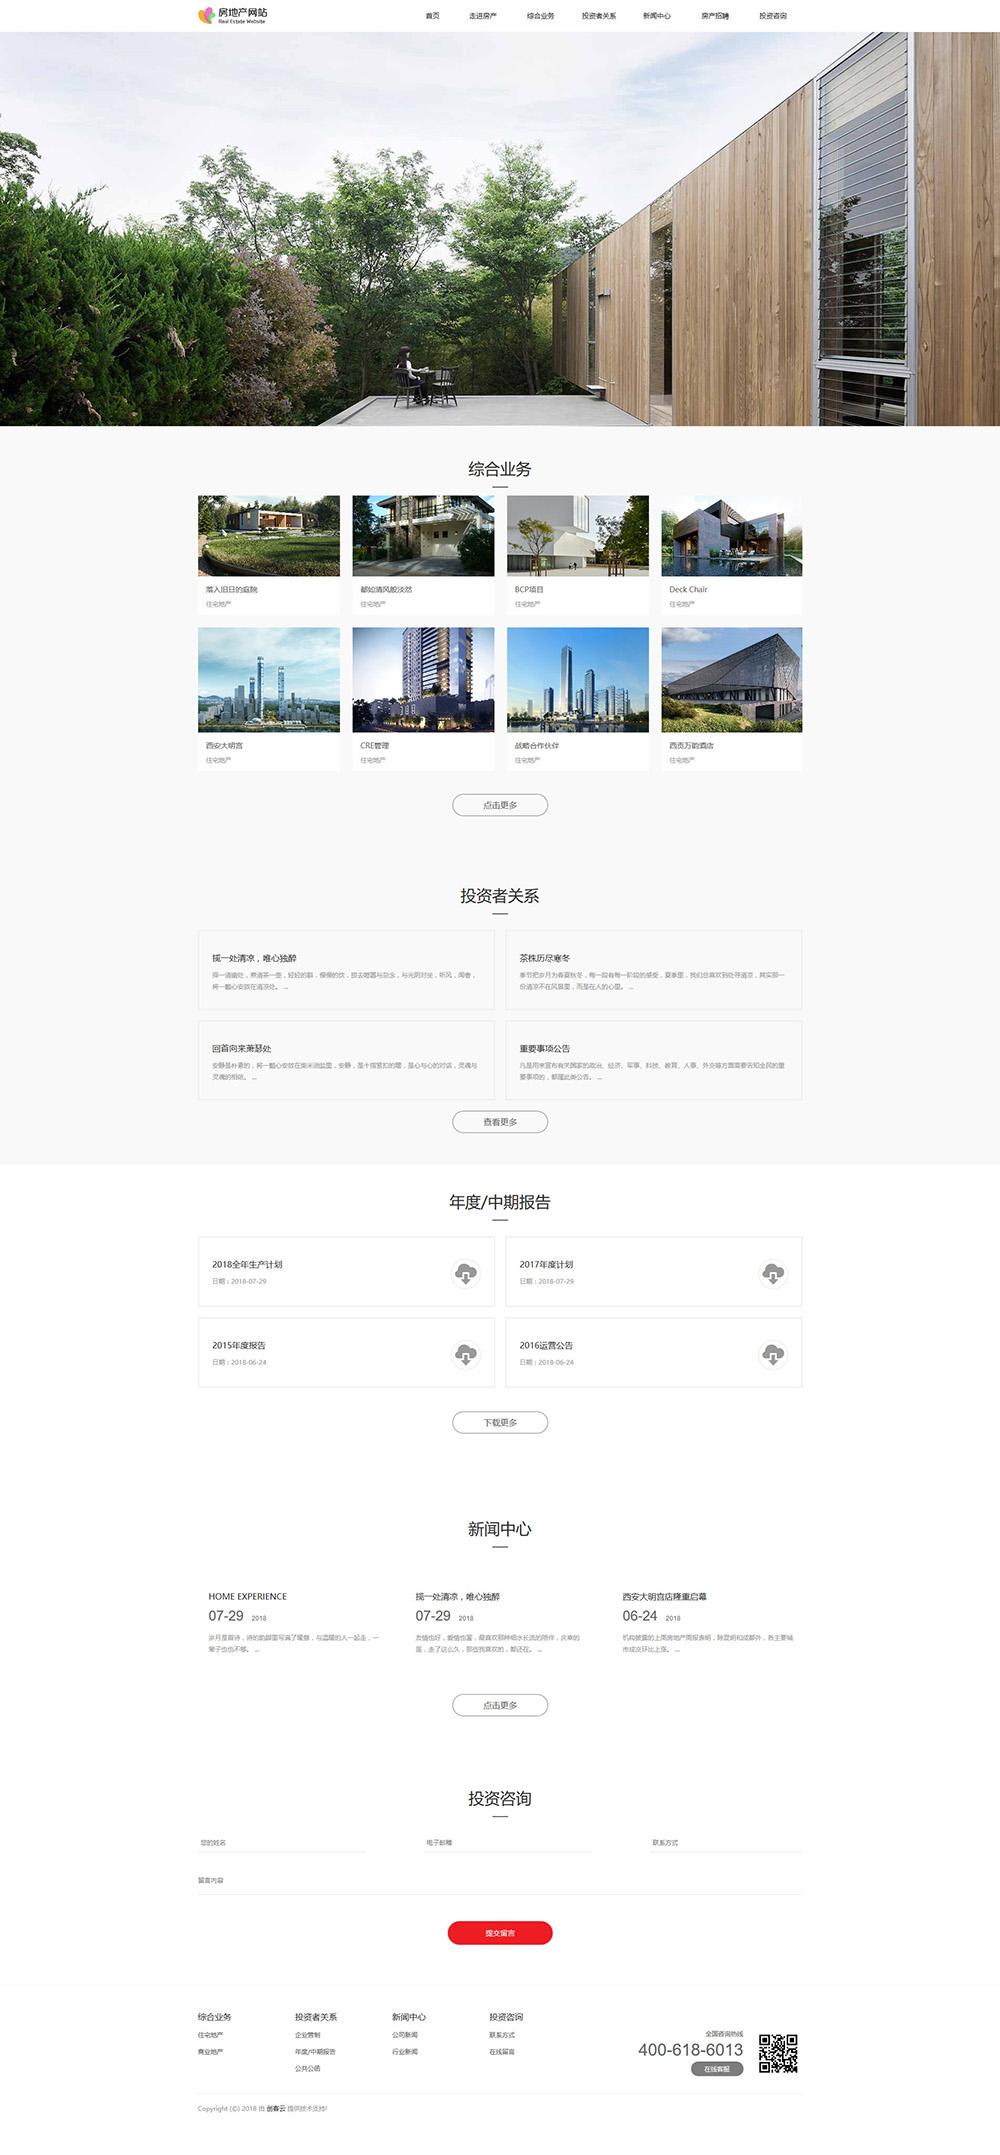 房产建筑 DedeCMS 织梦模板